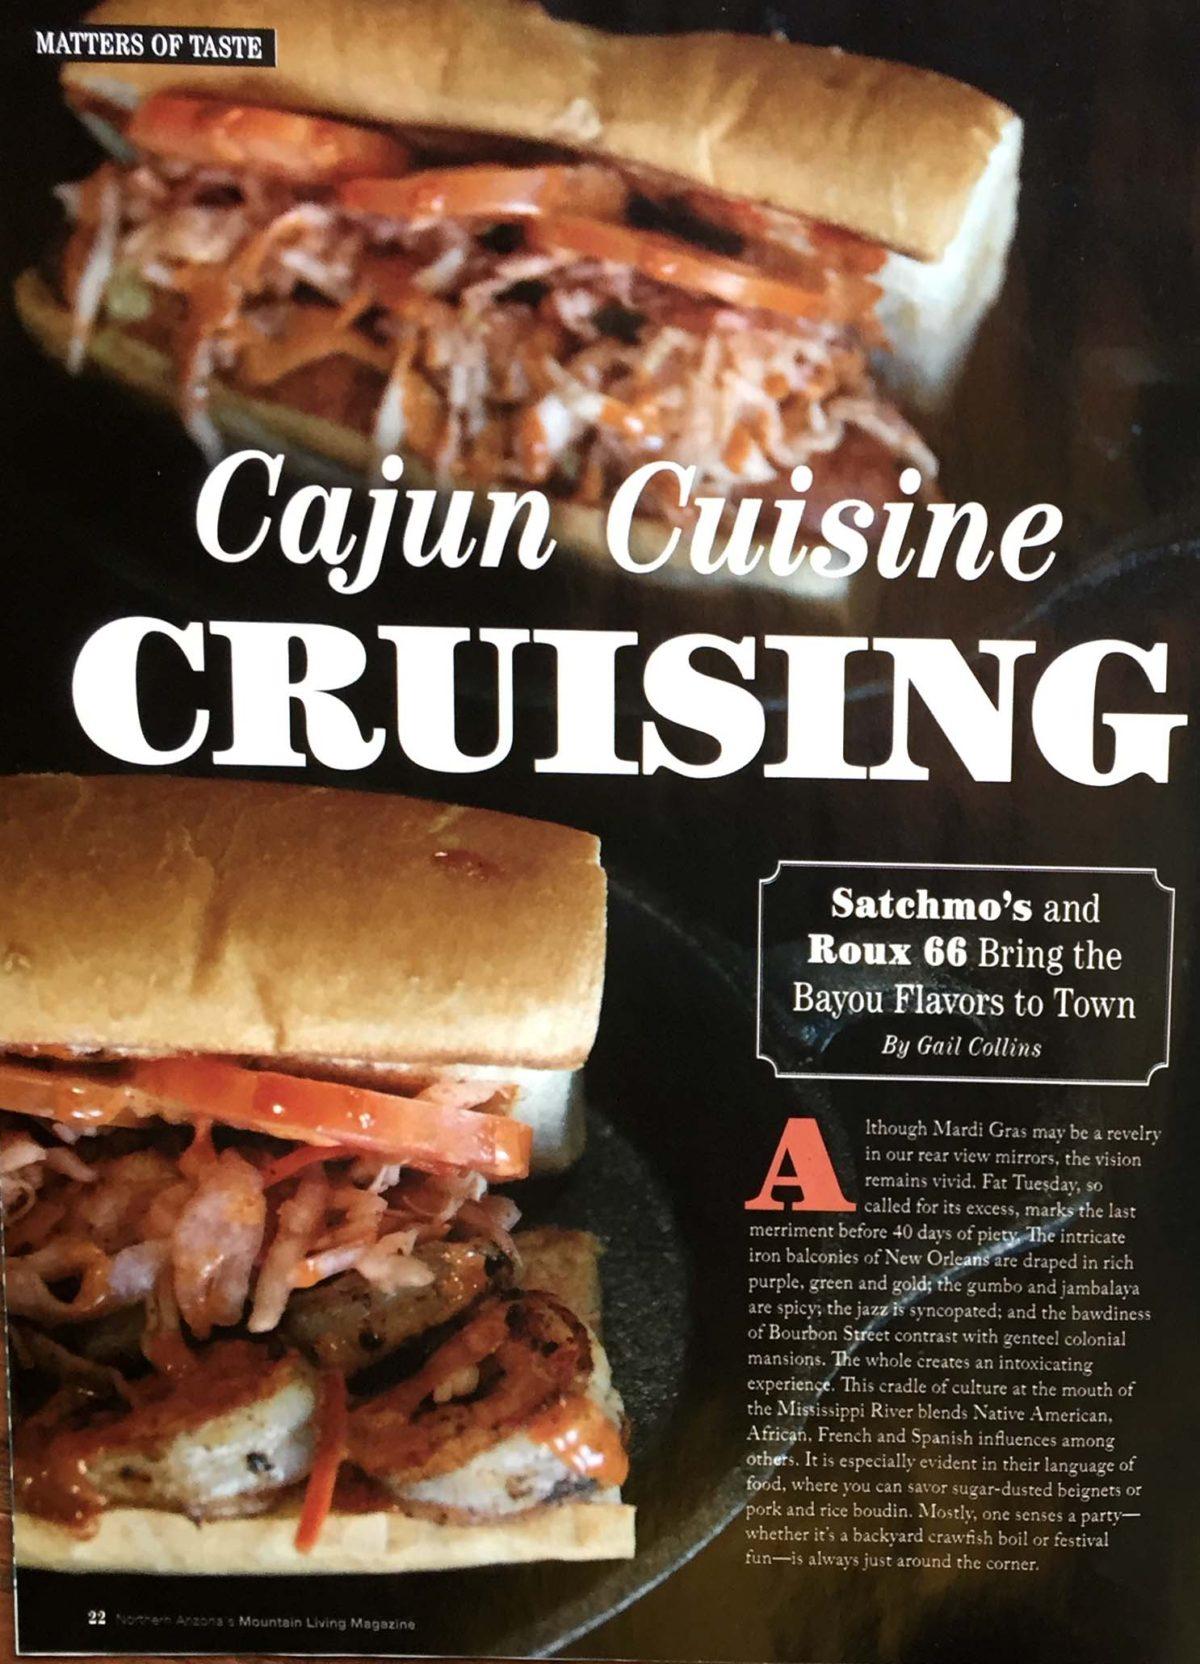 Cajun Cuisine Cruising